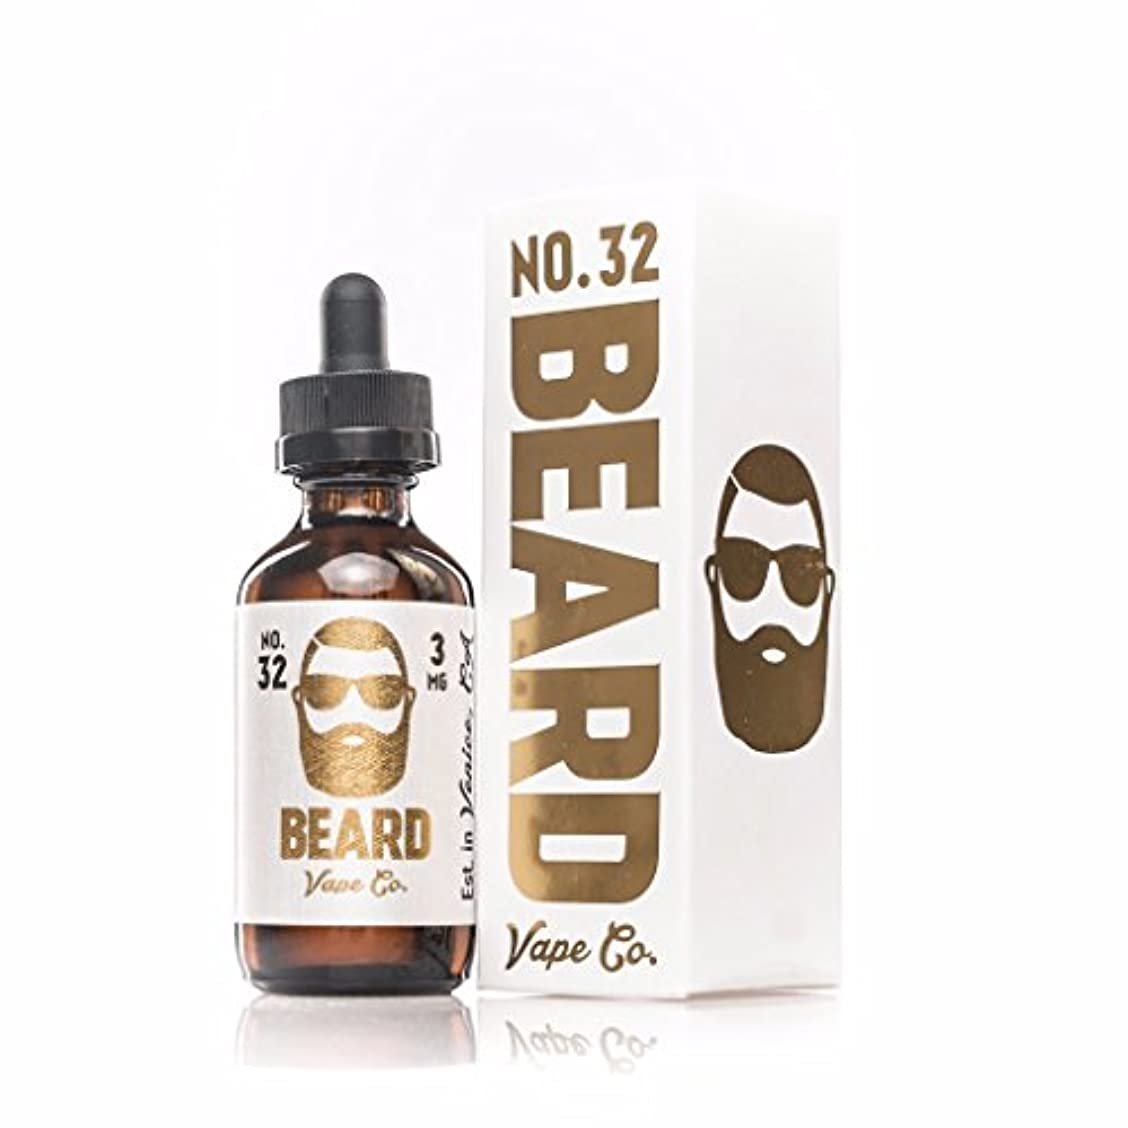 内向きタッチ電子Beard Vape Co eJuice No. 32 シナモン ファンネルケーキ 60ml リキッド VAPE 電子タバコ 禁煙キッズ